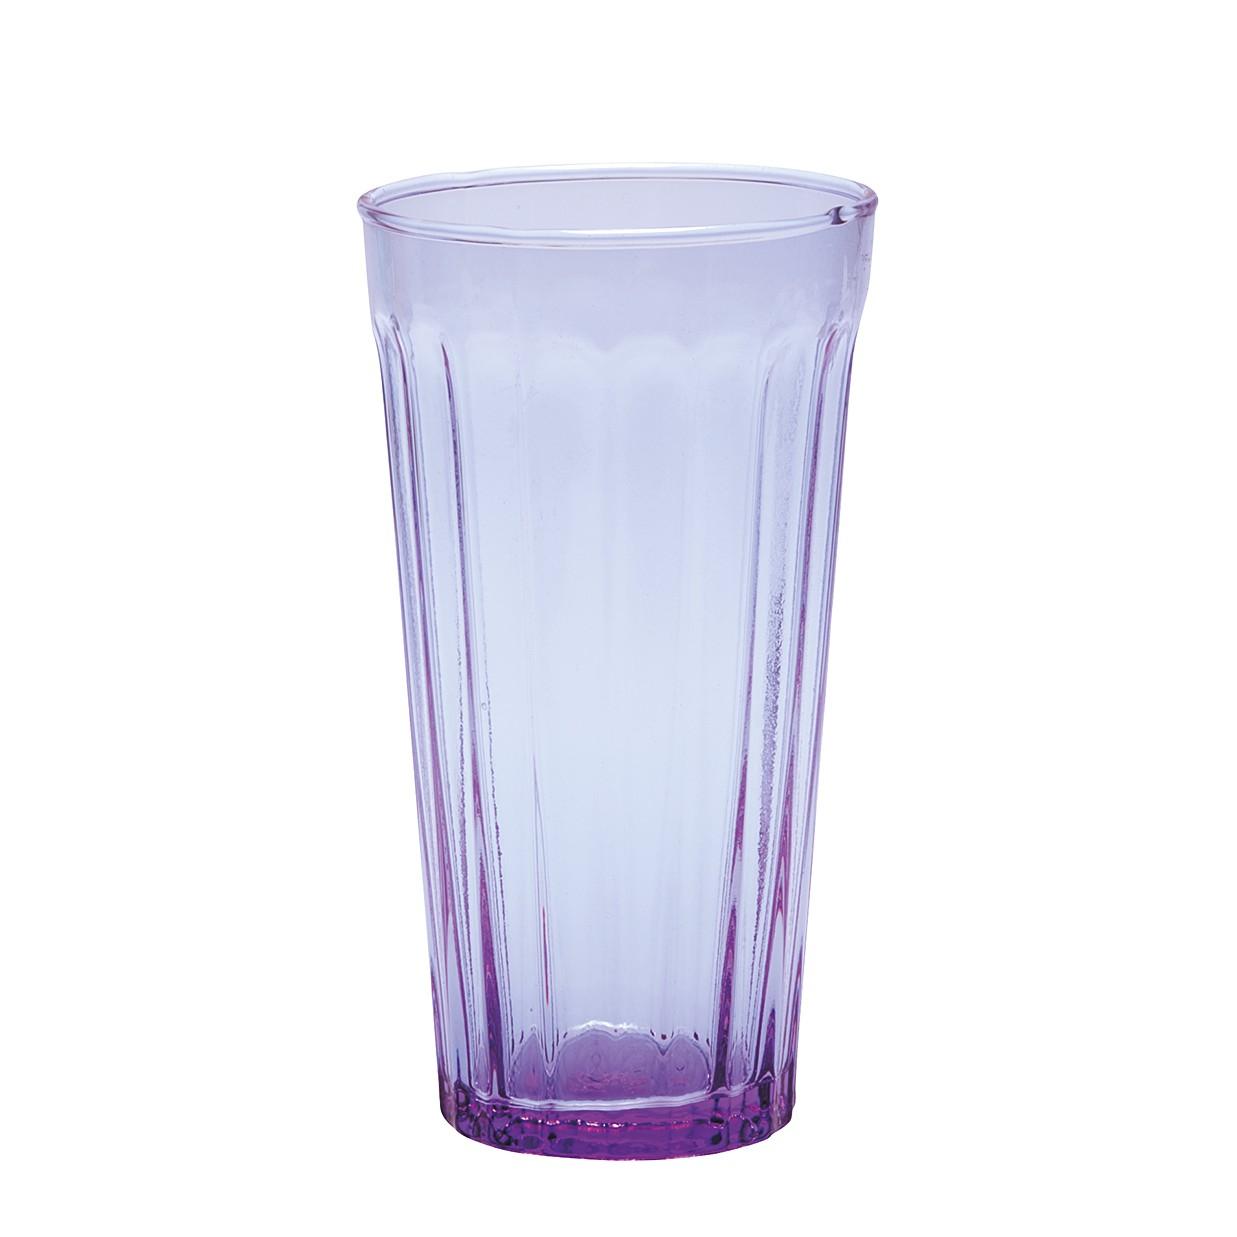 Longdrinkglas Lucca (6er-Set) – Glas – Violett, BITOSSI HOME günstig